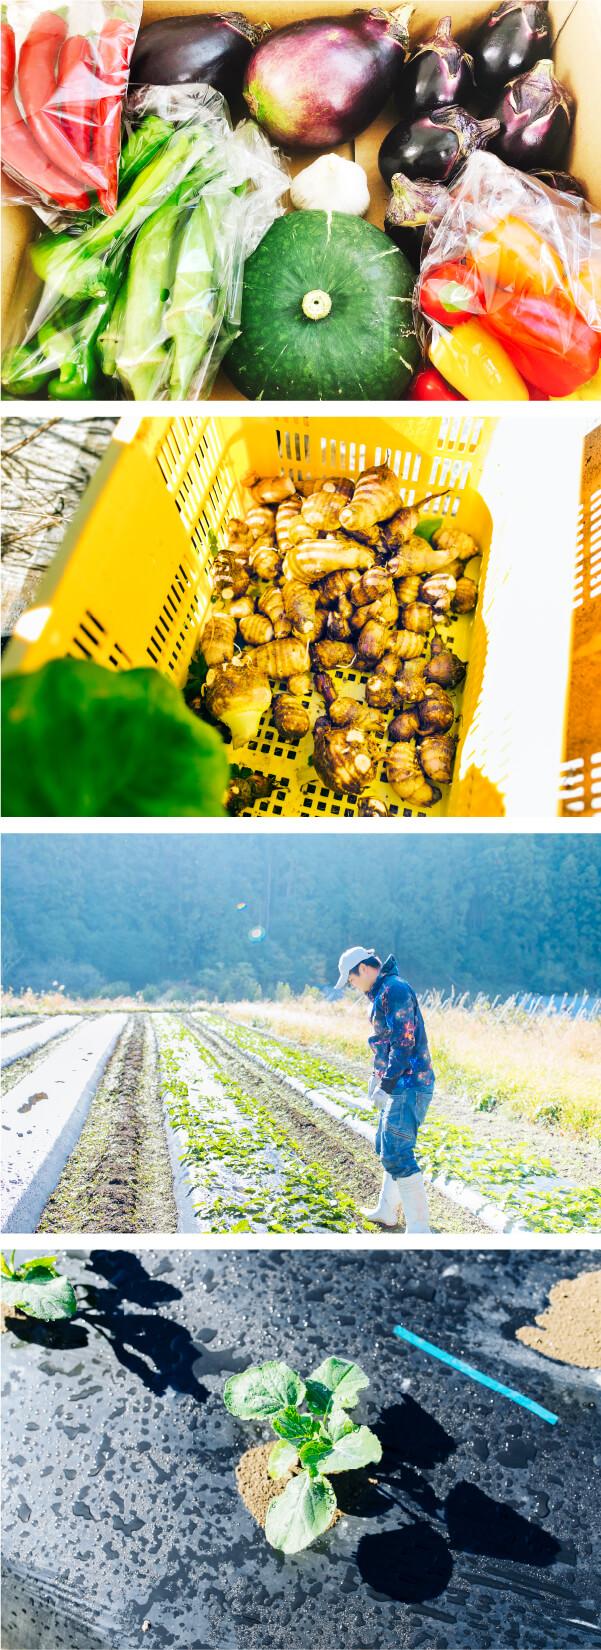 スマホ用池田農園のニンニク収穫作業の画像